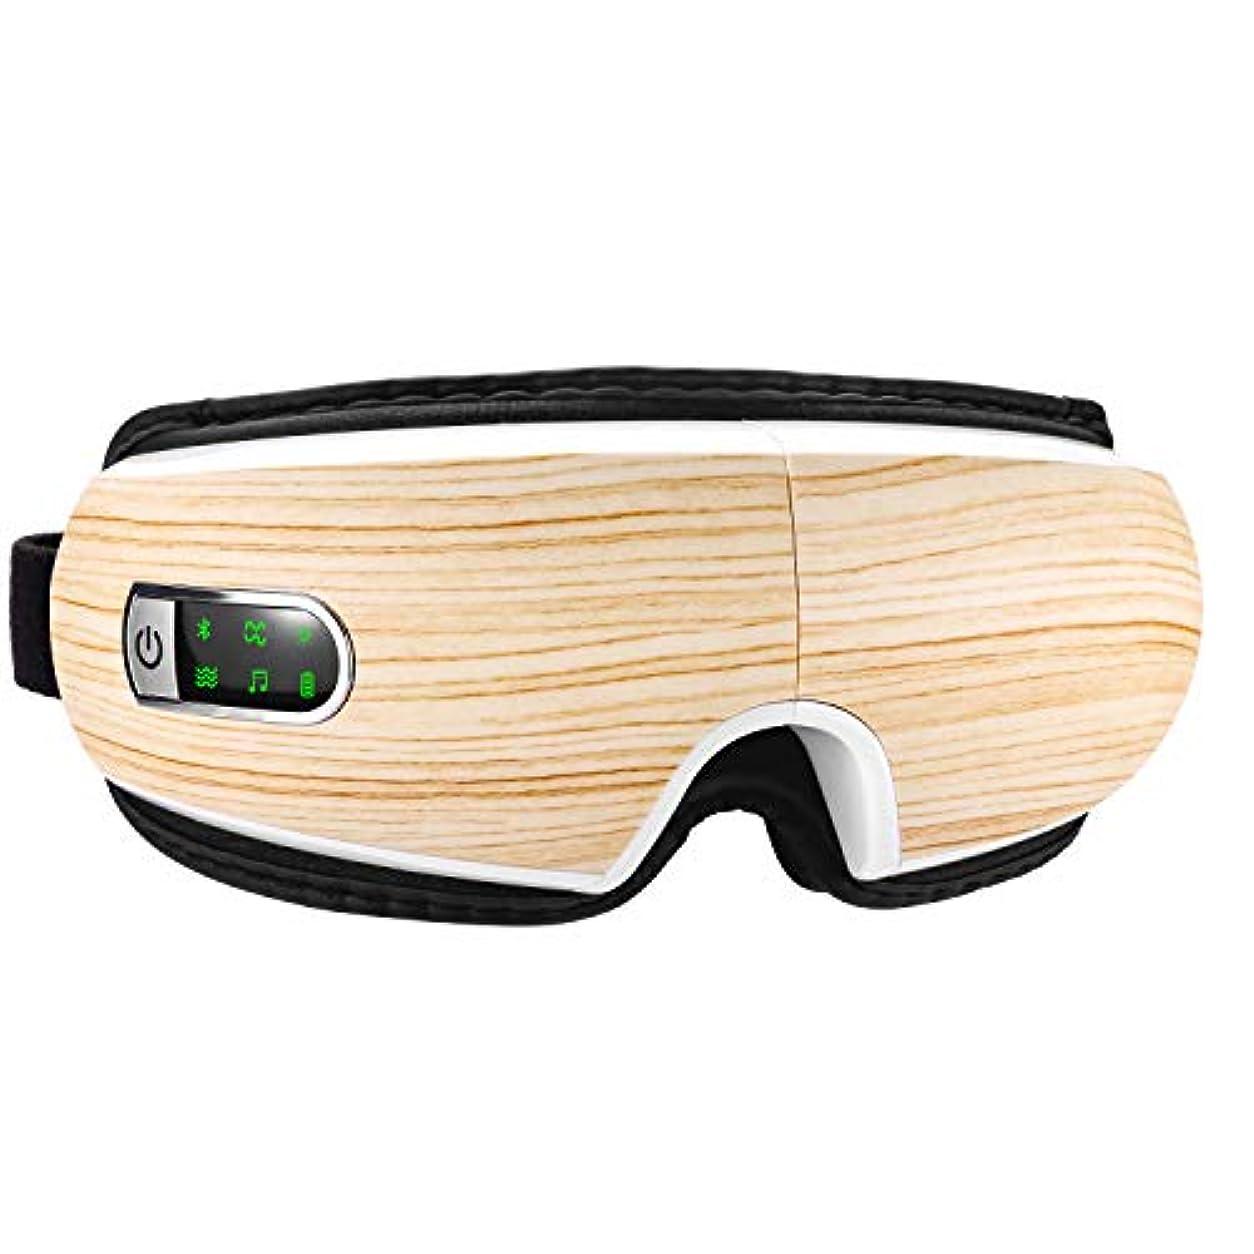 きつくメリー肩をすくめる目マッサージ器 目元エステ 目元美顔器 ホットアイマスク 快眠グッズ 振動機能 音楽機能 USB充電式 タイマー機能 アイマスク